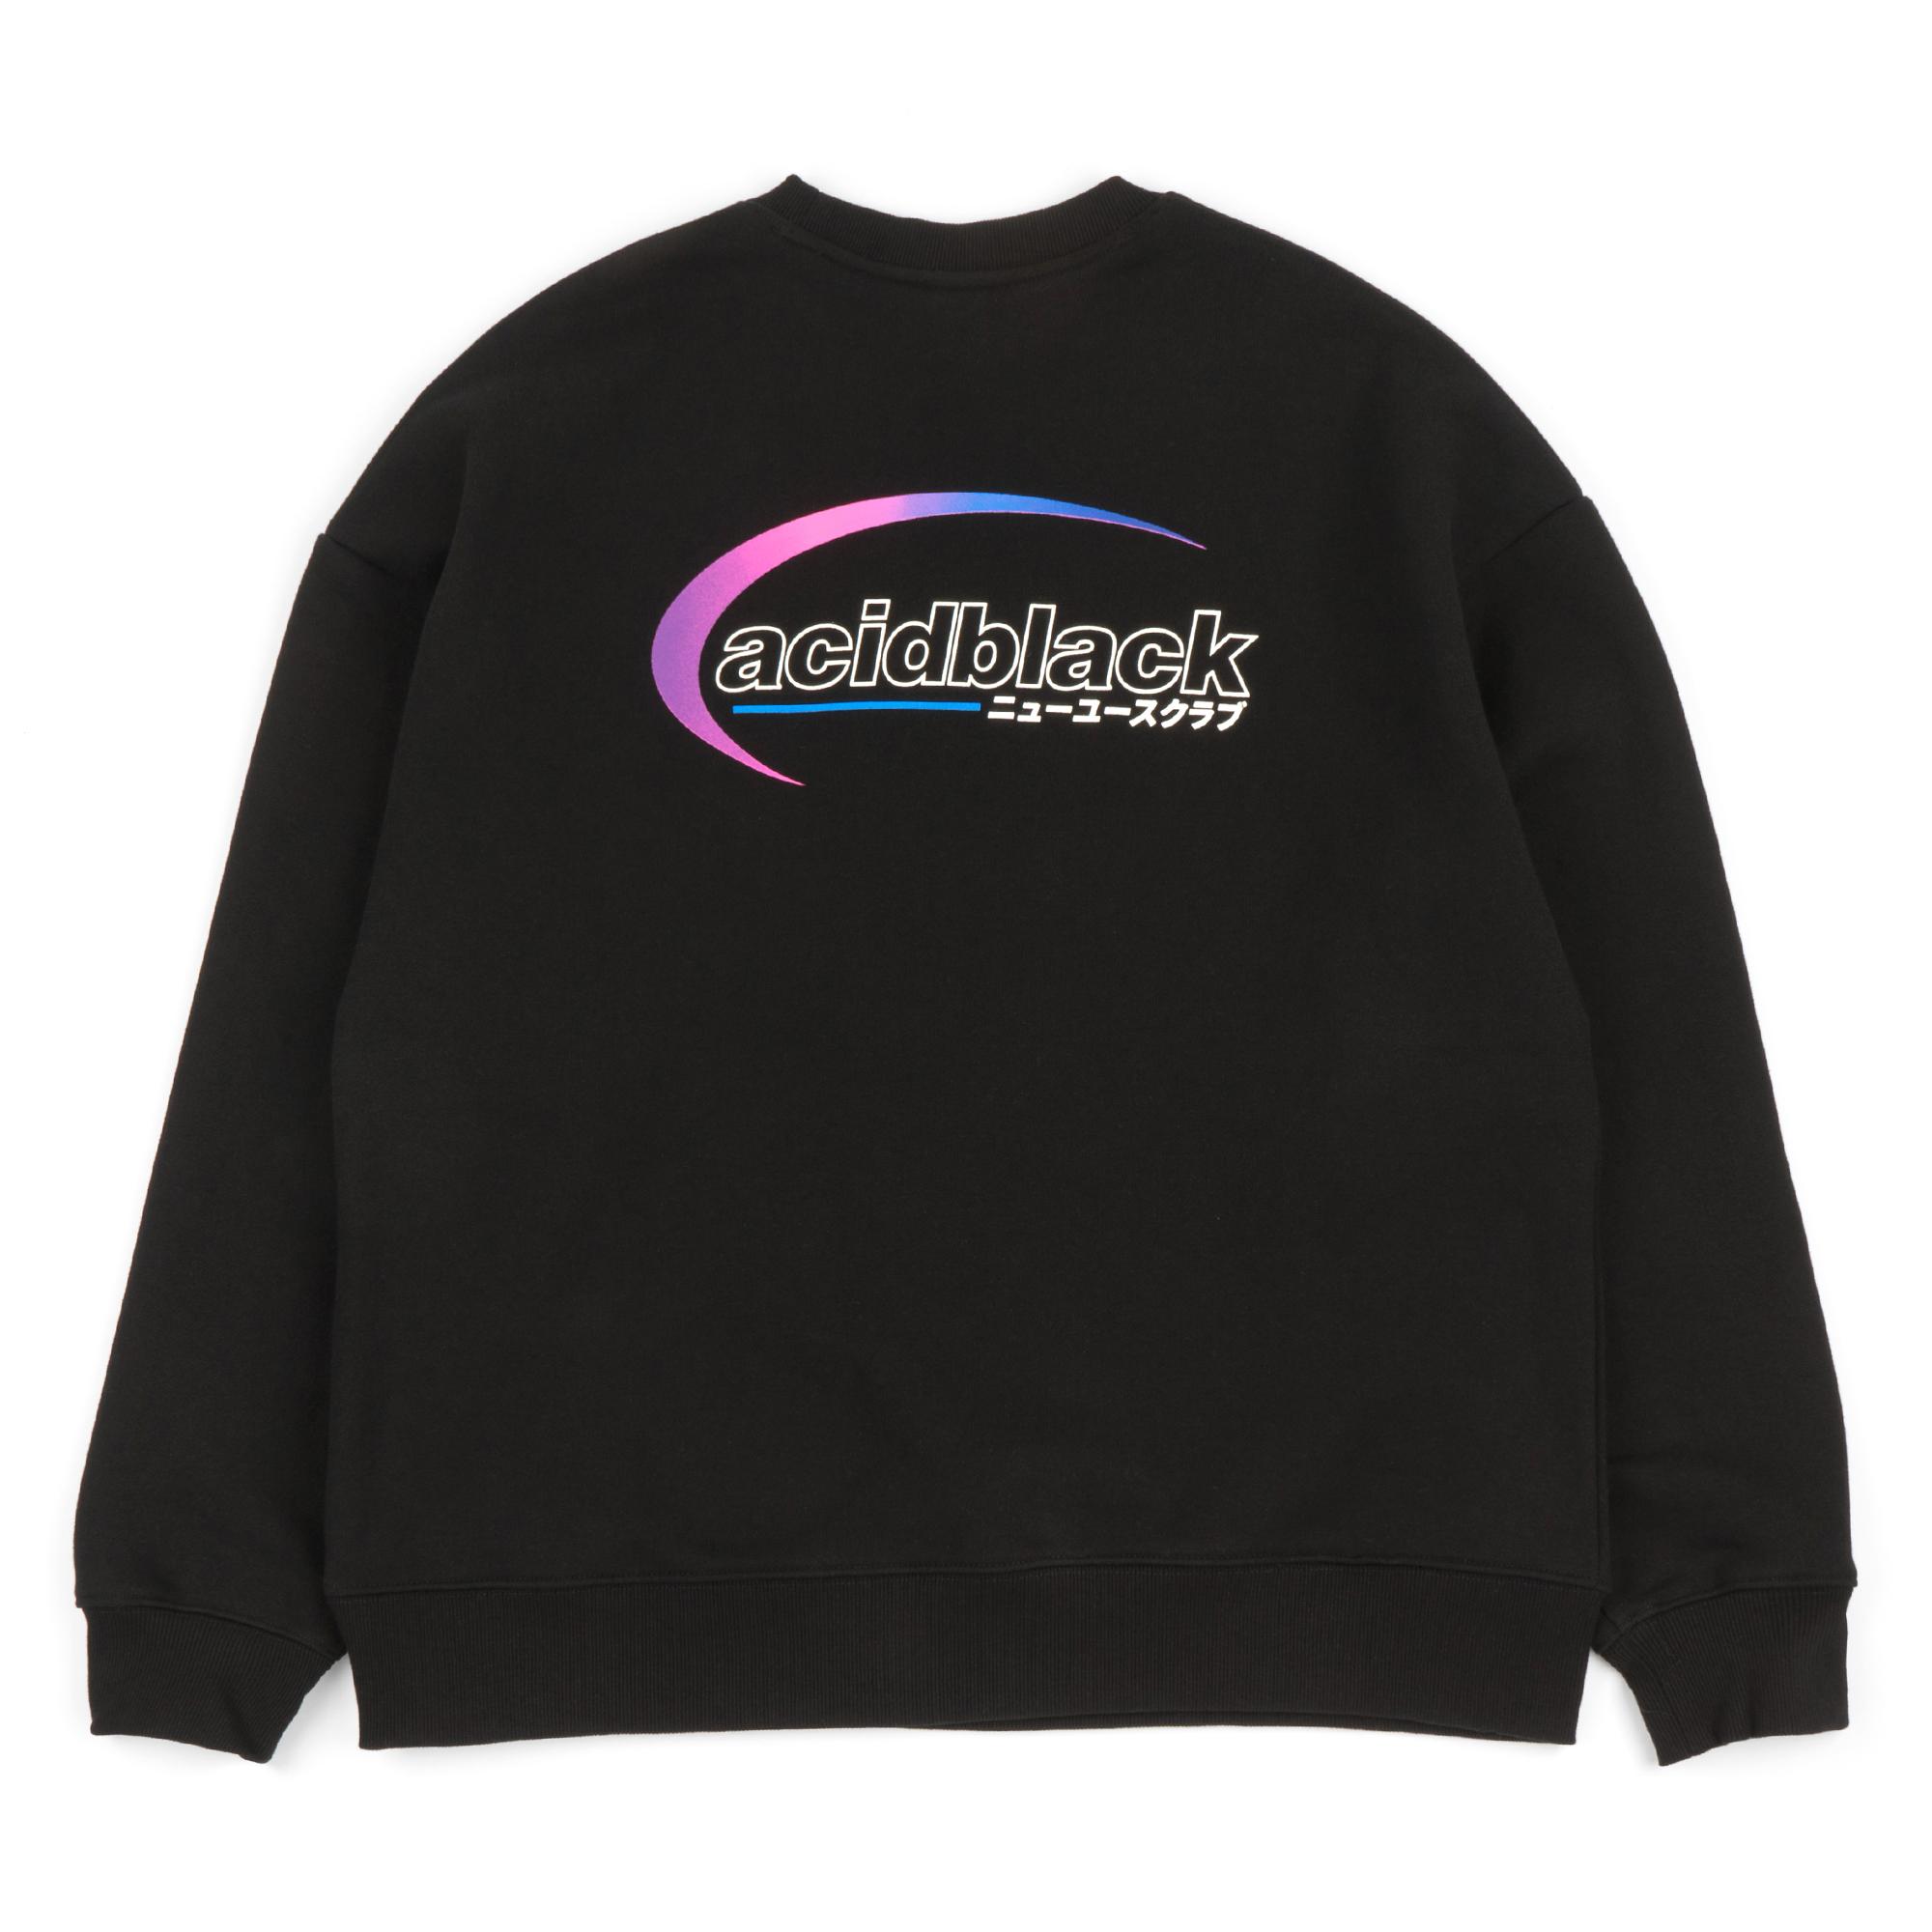 [에시드블랙] AROUND THE ORBIT MTM (BLACK) 기모 맨투맨 크루넥 스웨트셔츠